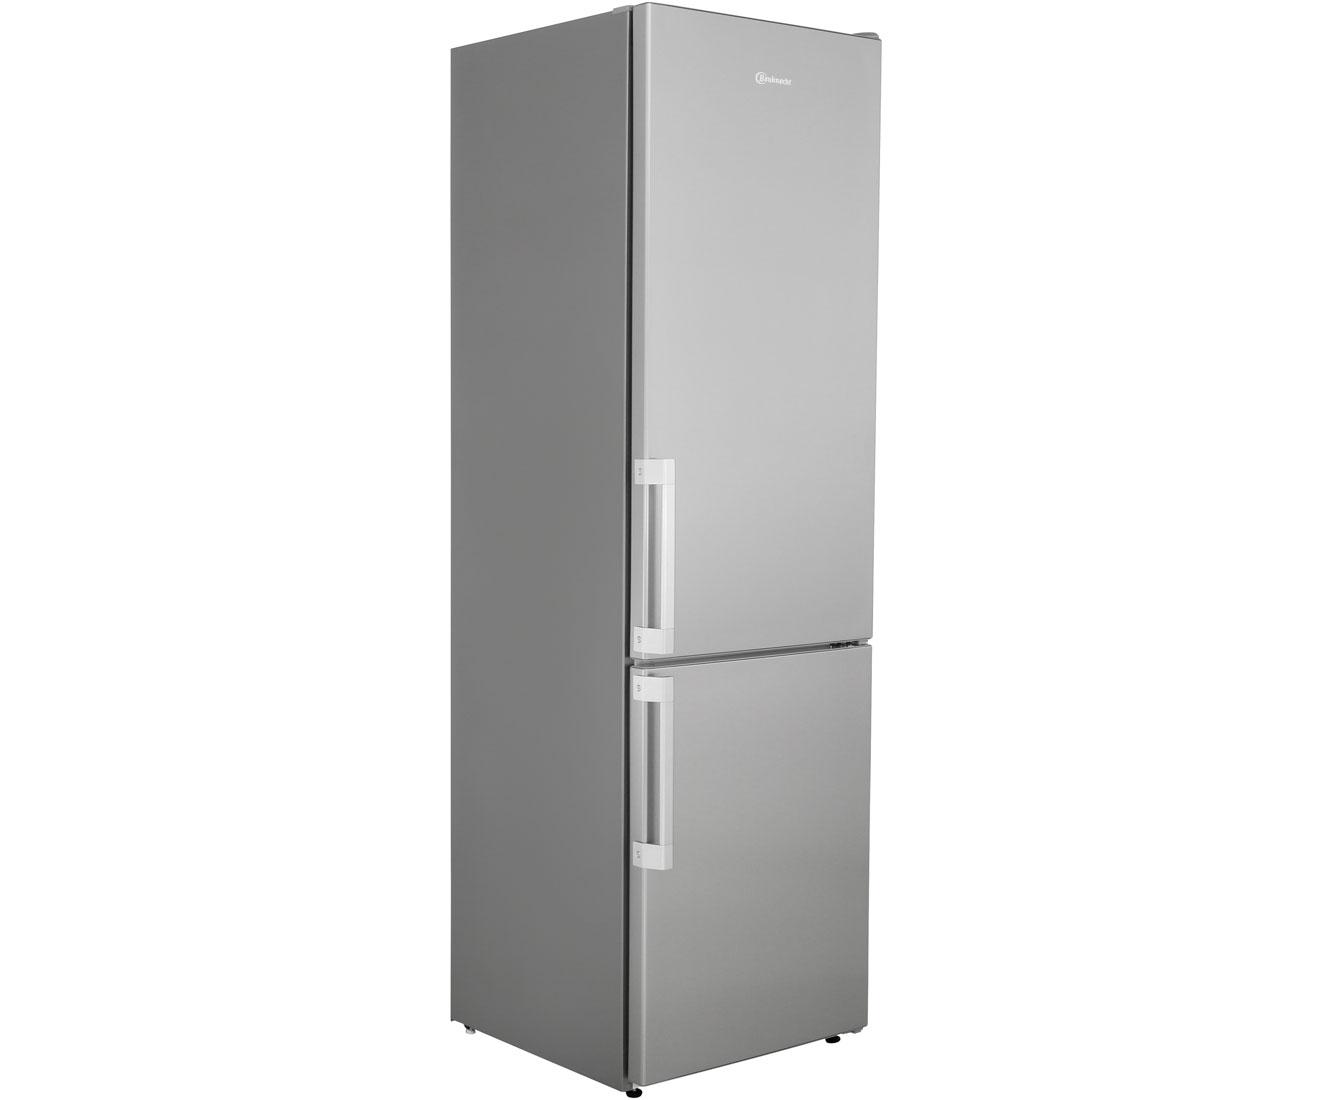 Bauknecht KGDB 20 A3+ IN Kühl-Gefrierkombinationen - Edelstahl | Küche und Esszimmer > Küchenelektrogeräte > Kühl-Gefrierkombis | Edelstahl | Bauknecht